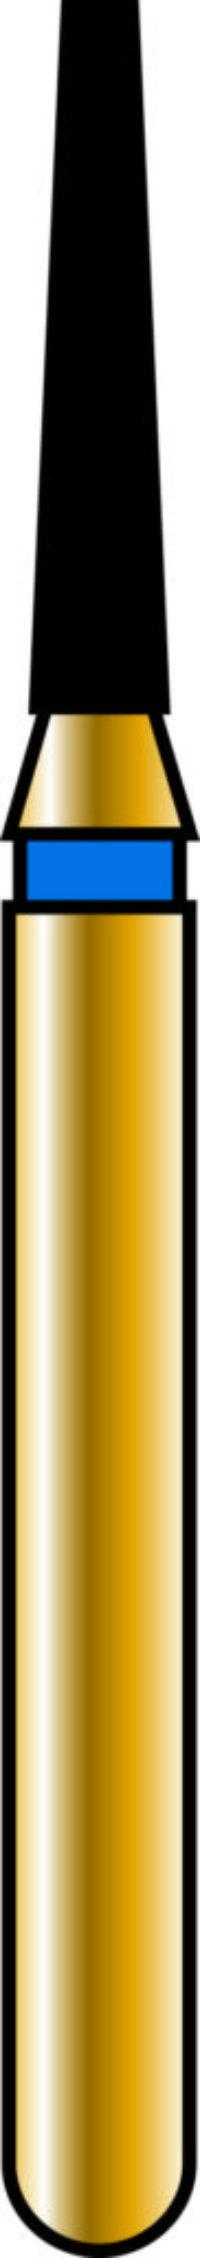 Flat End Taper 12-6mm Gold Diamond Bur - Coarse Grit